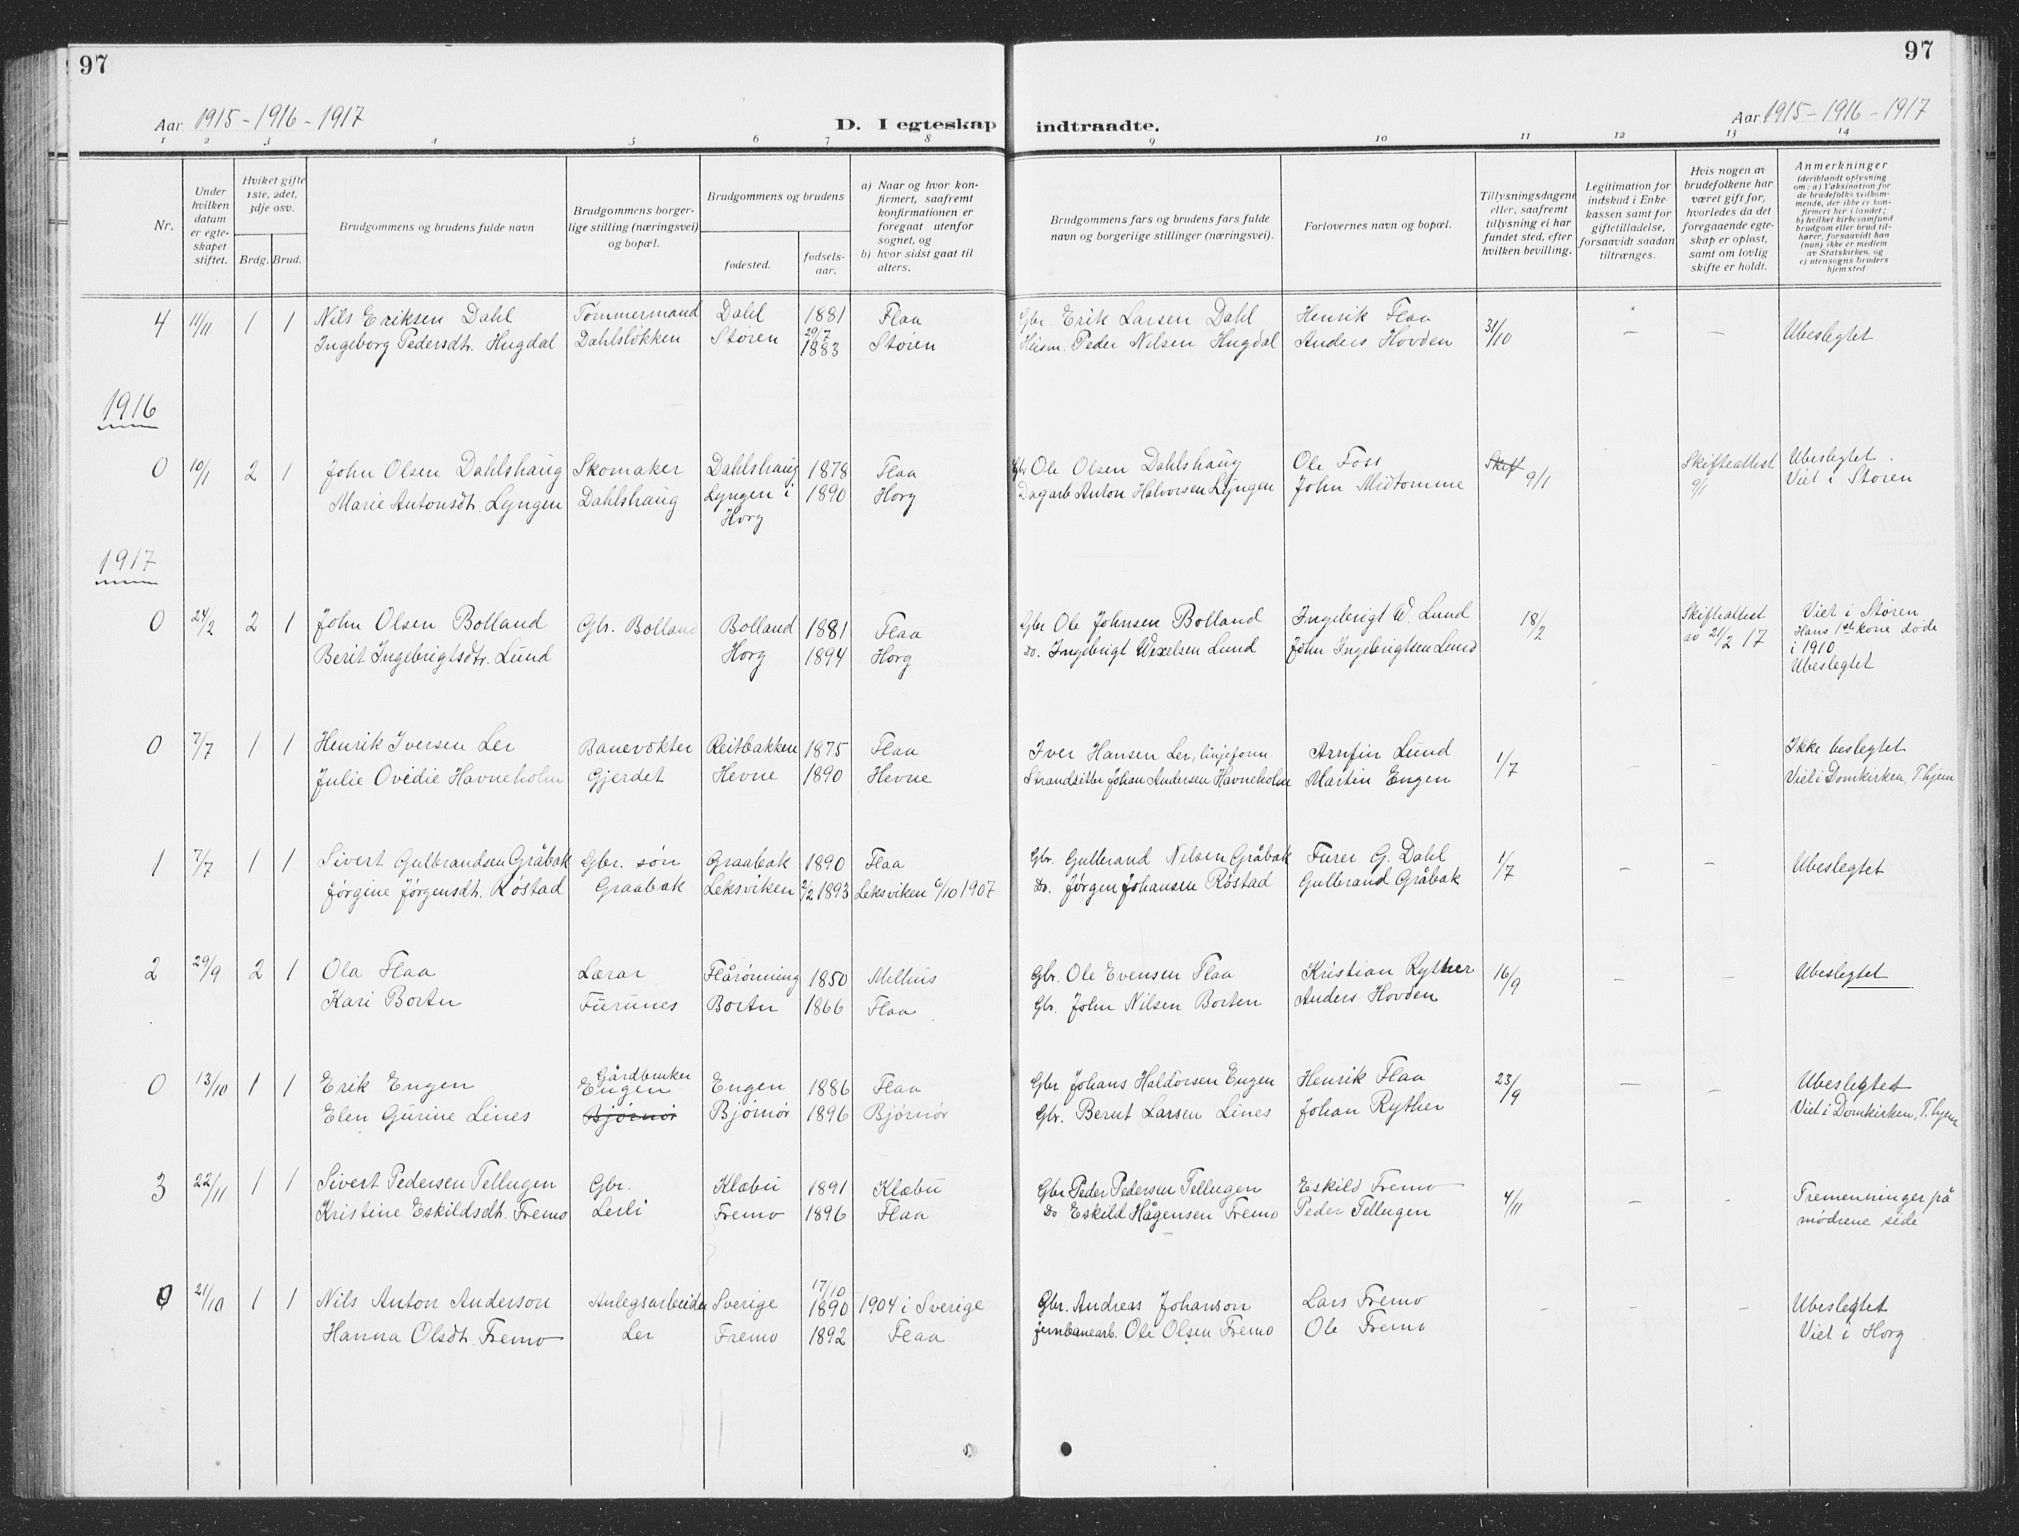 SAT, Ministerialprotokoller, klokkerbøker og fødselsregistre - Sør-Trøndelag, 693/L1124: Klokkerbok nr. 693C05, 1911-1941, s. 97